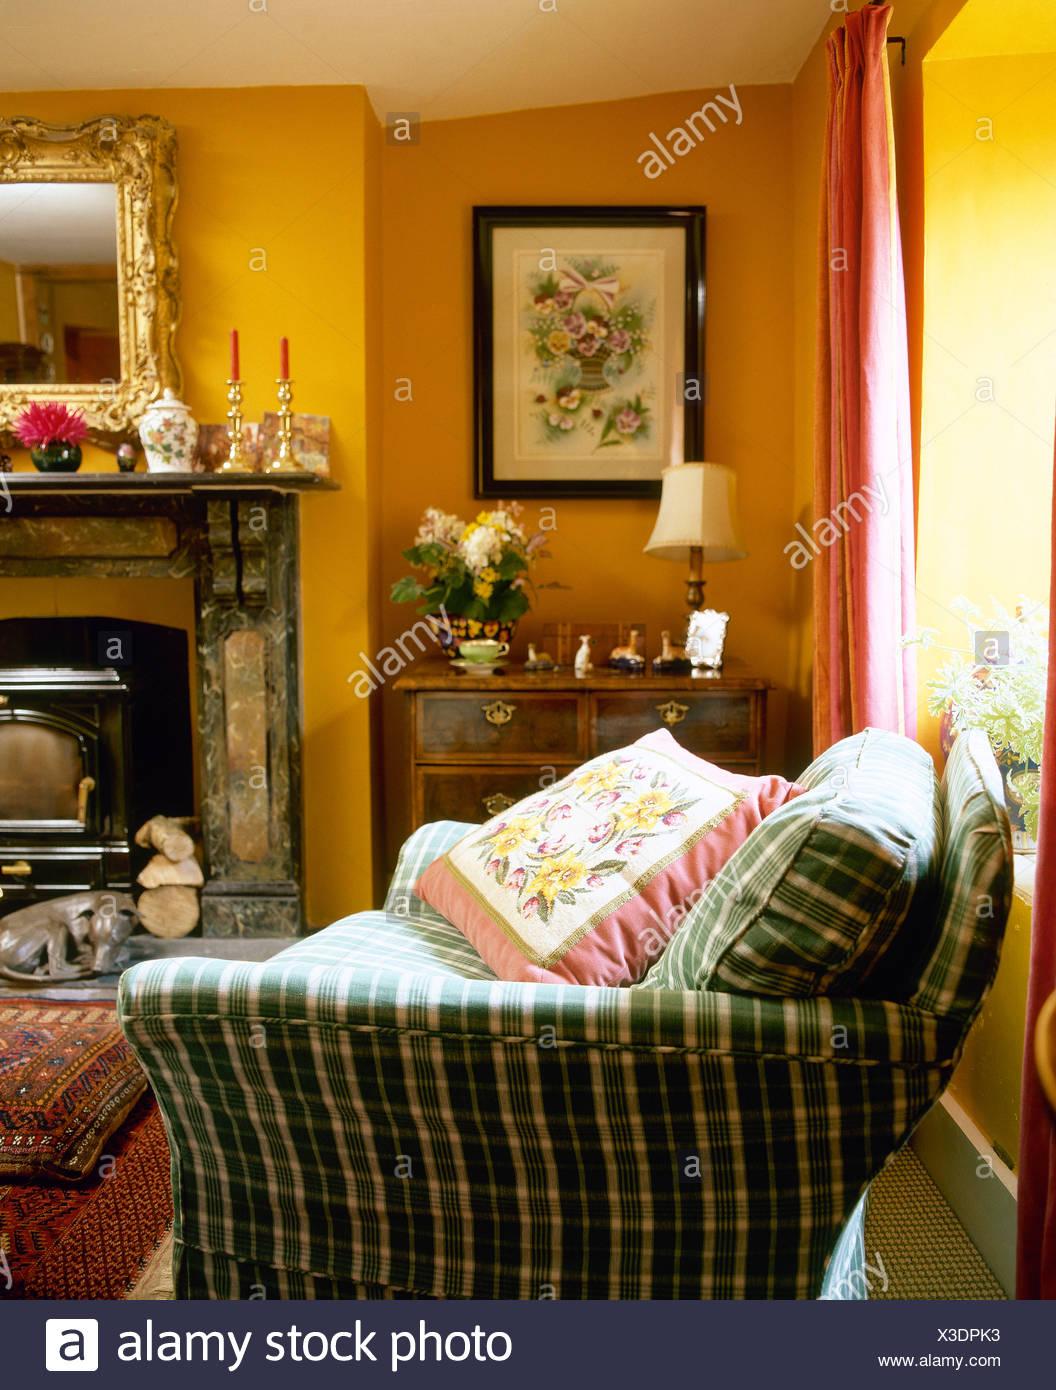 Controllare verde divano con rosa cuscino floreale in arancione ...